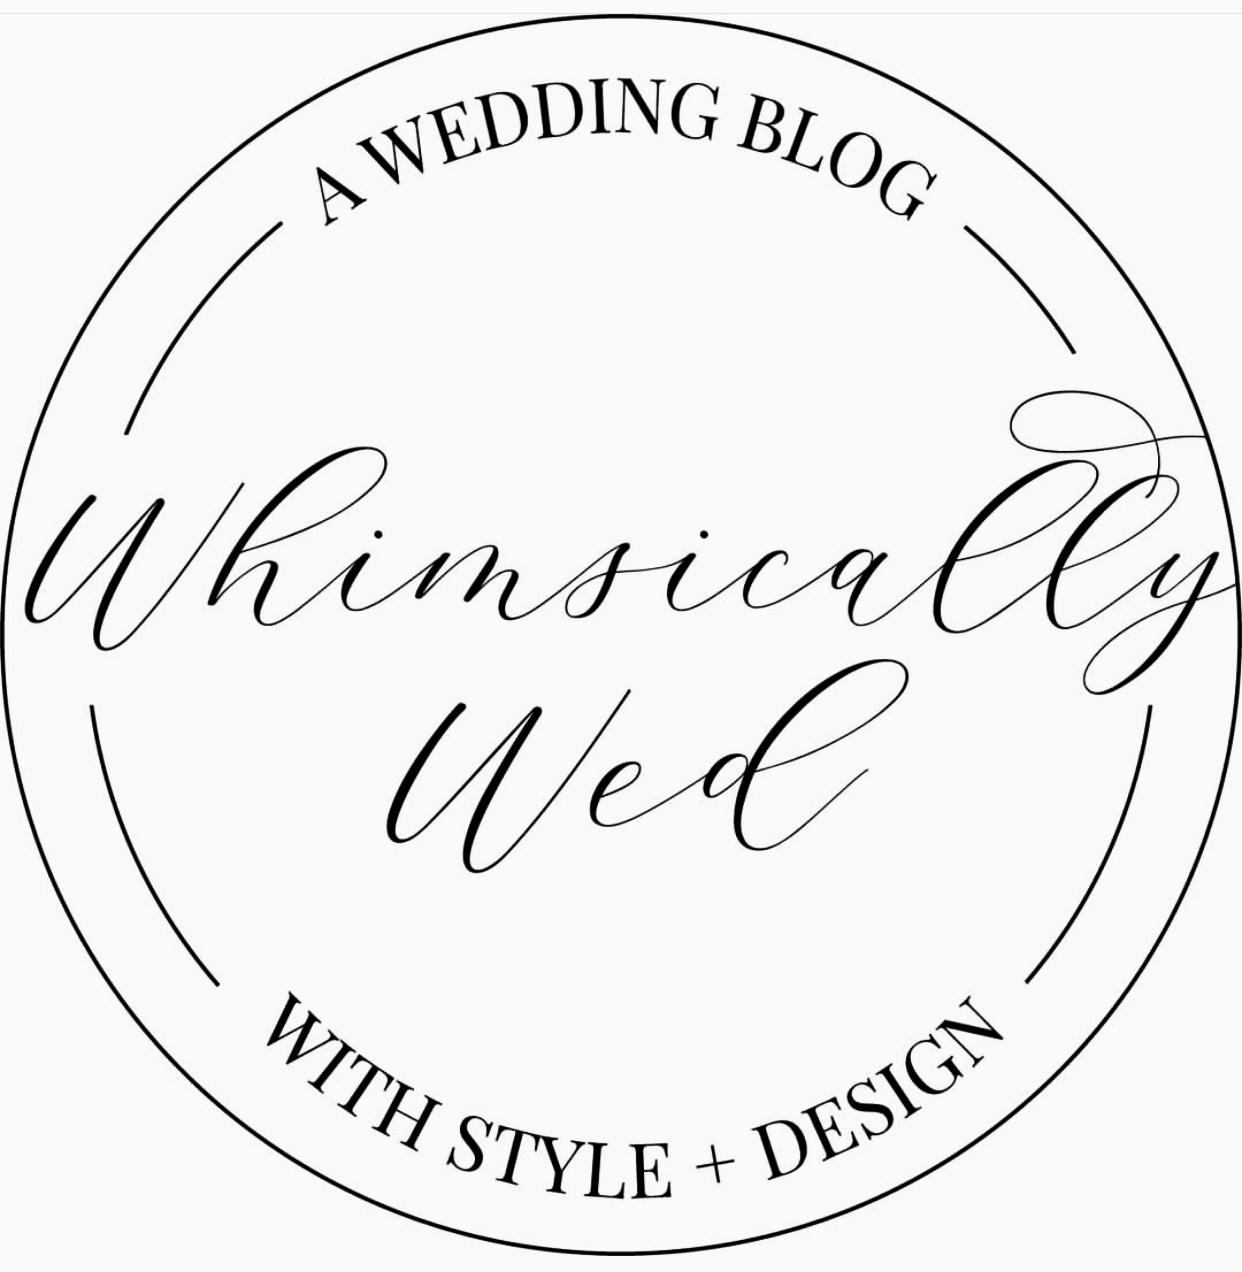 Whimsically-wed.jpg